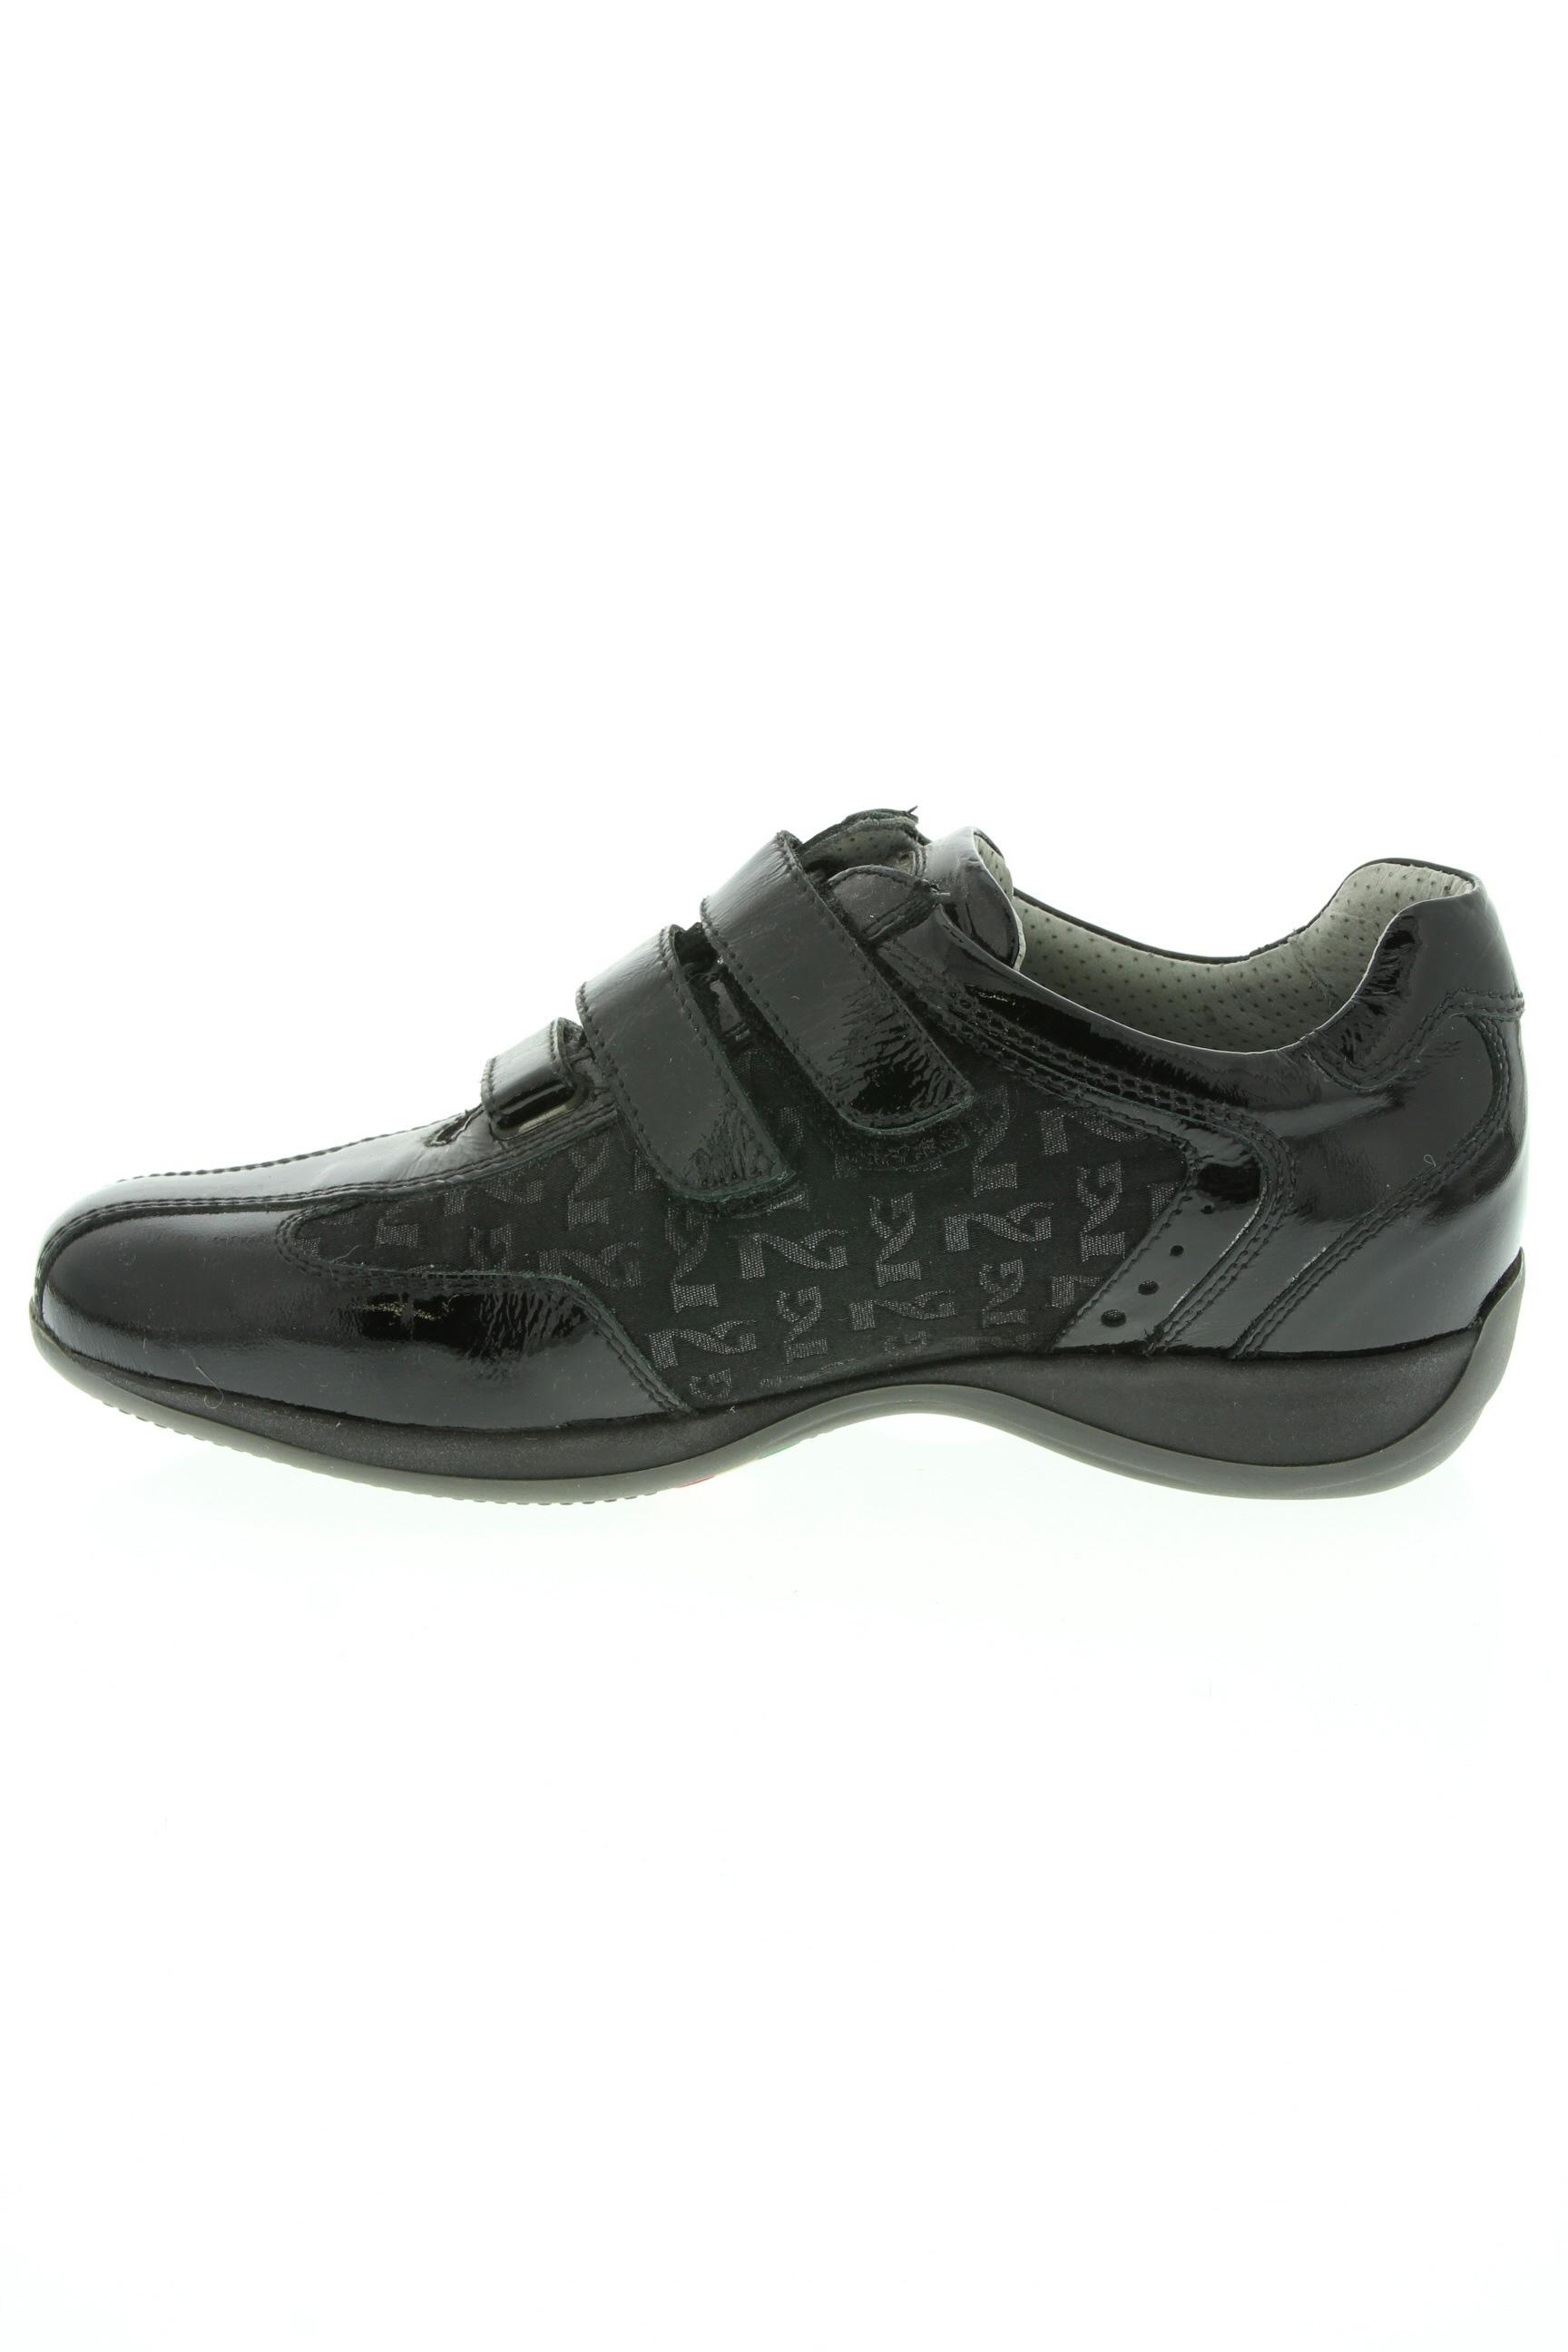 Nero Giardini Baskets Femme De Couleur Noir En Soldes Pas Cher 1376310-noir00